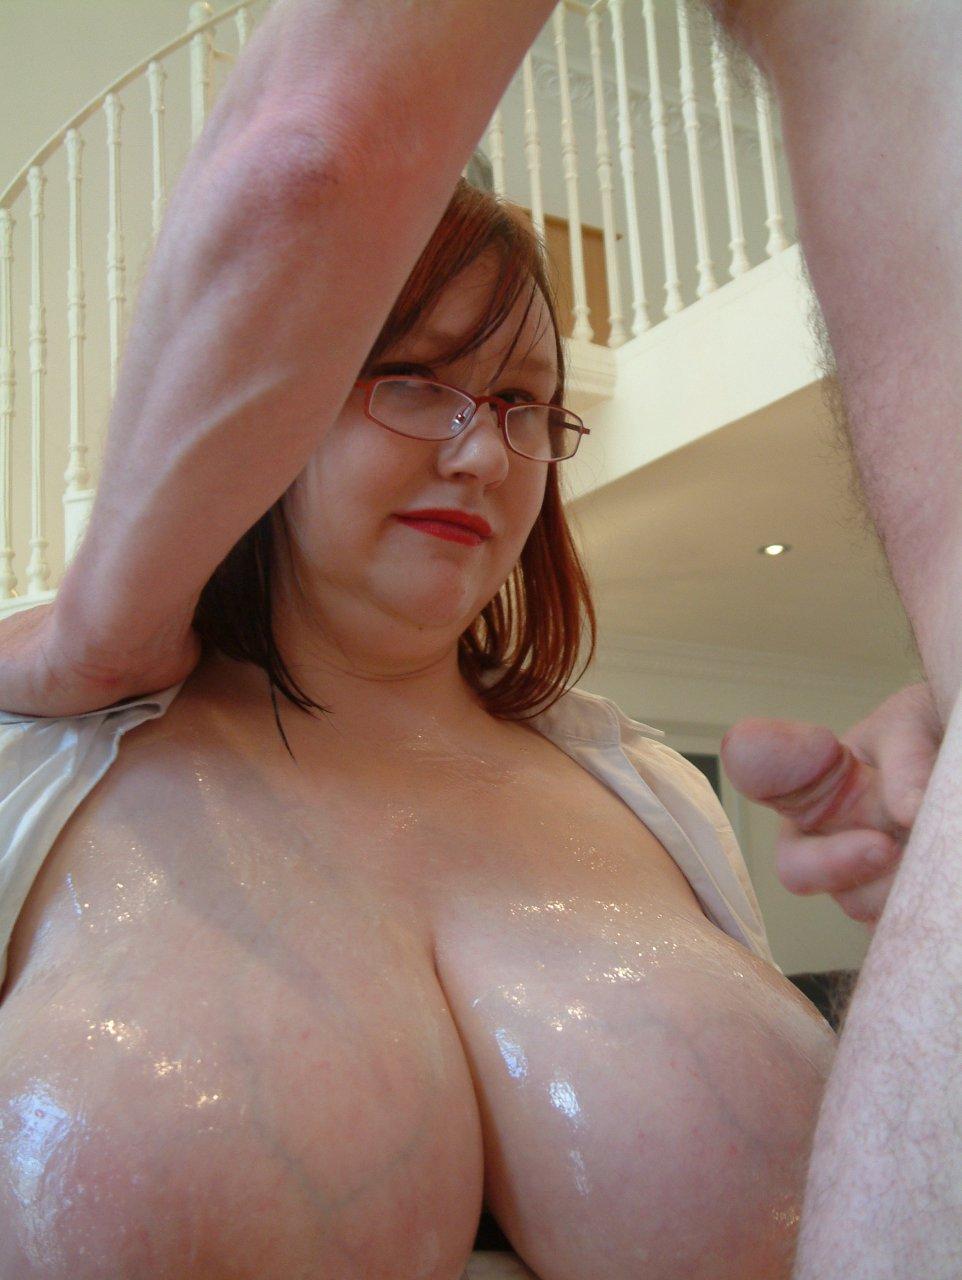 big bukkake porn